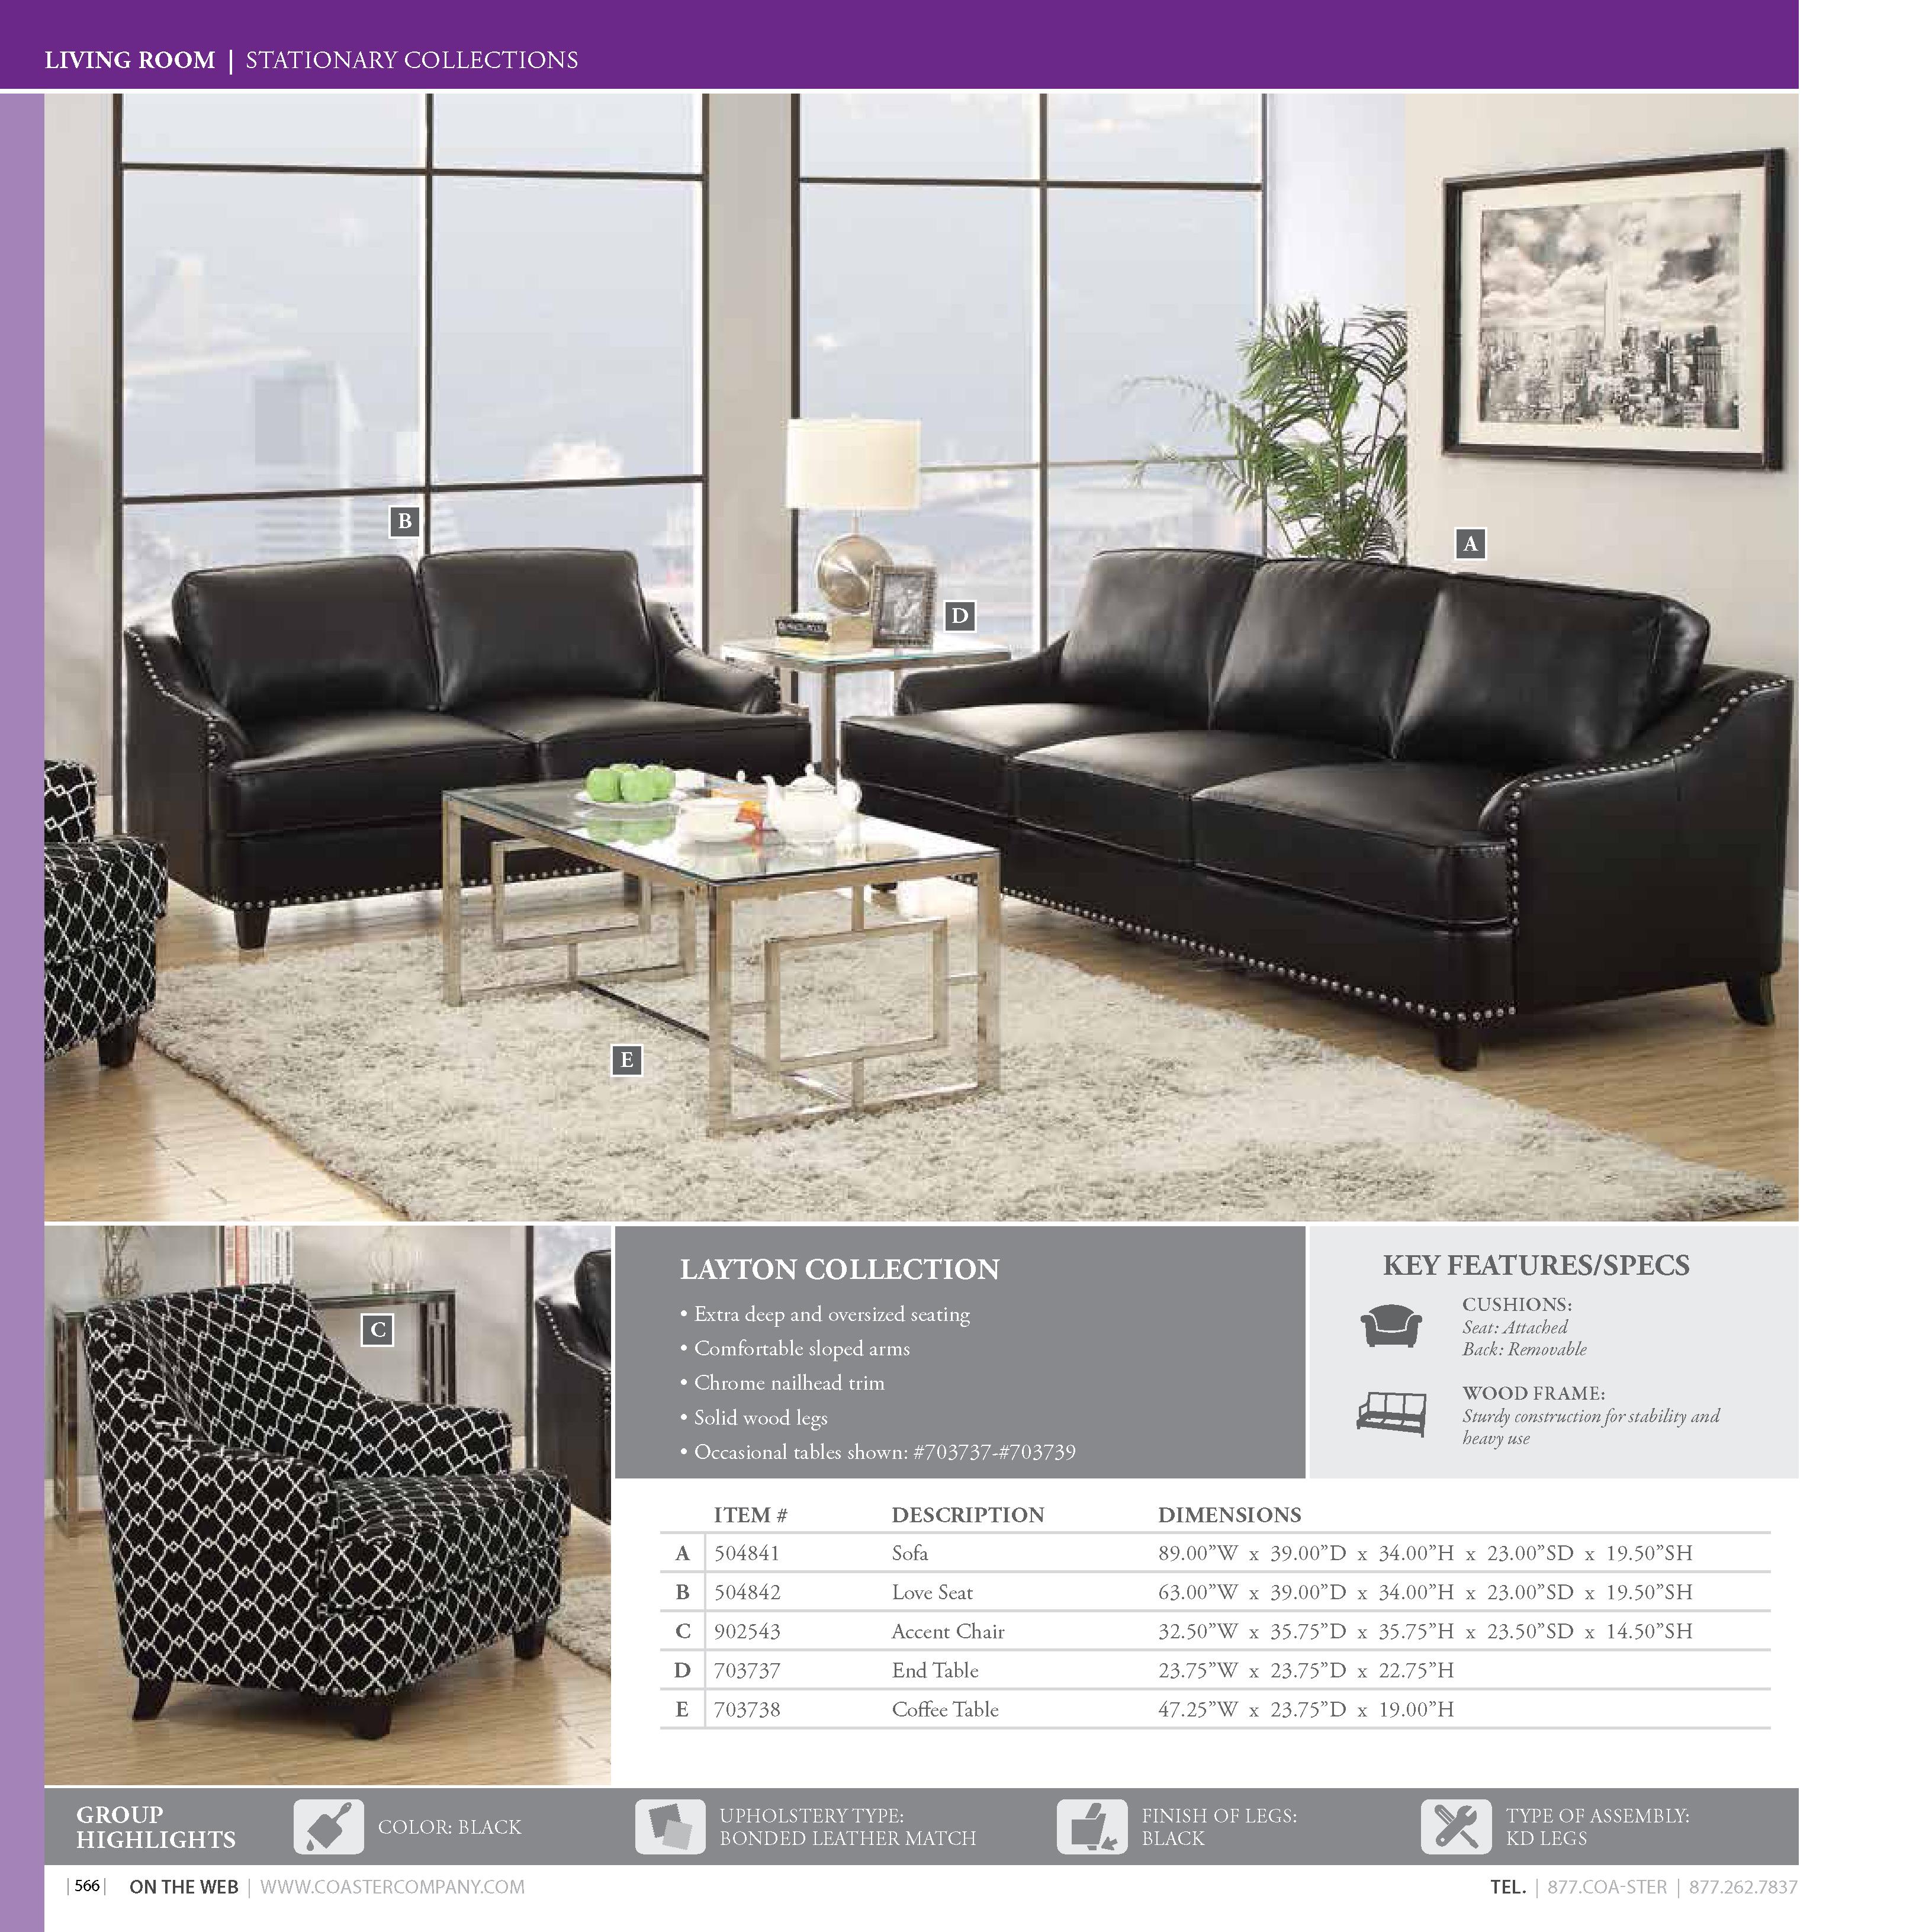 Coaster 2016 Living Room Catalog